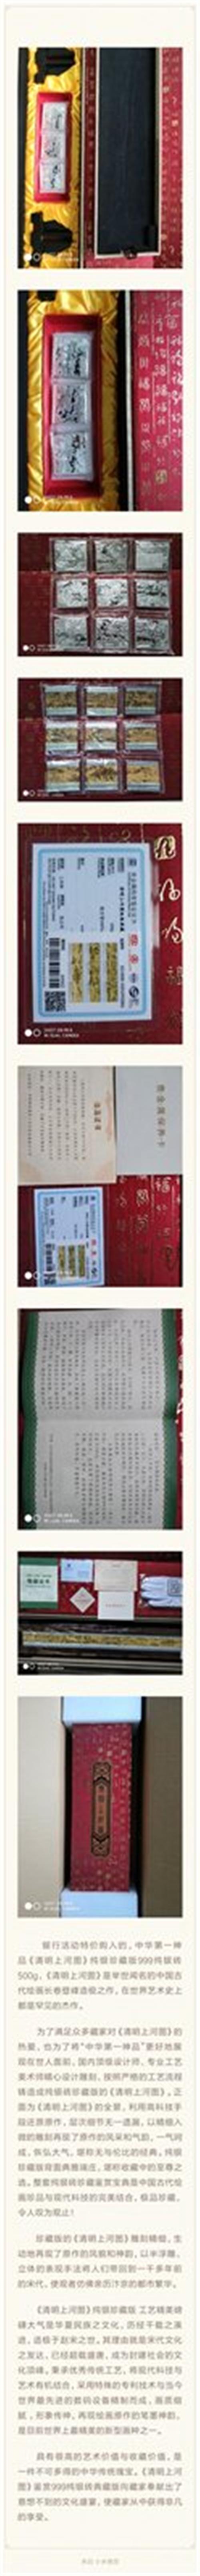 银行活动特价购入的,中华第一神品《清明上河图》纯银珍藏版999纯银砖500g,《清明上河图》是举世闻...